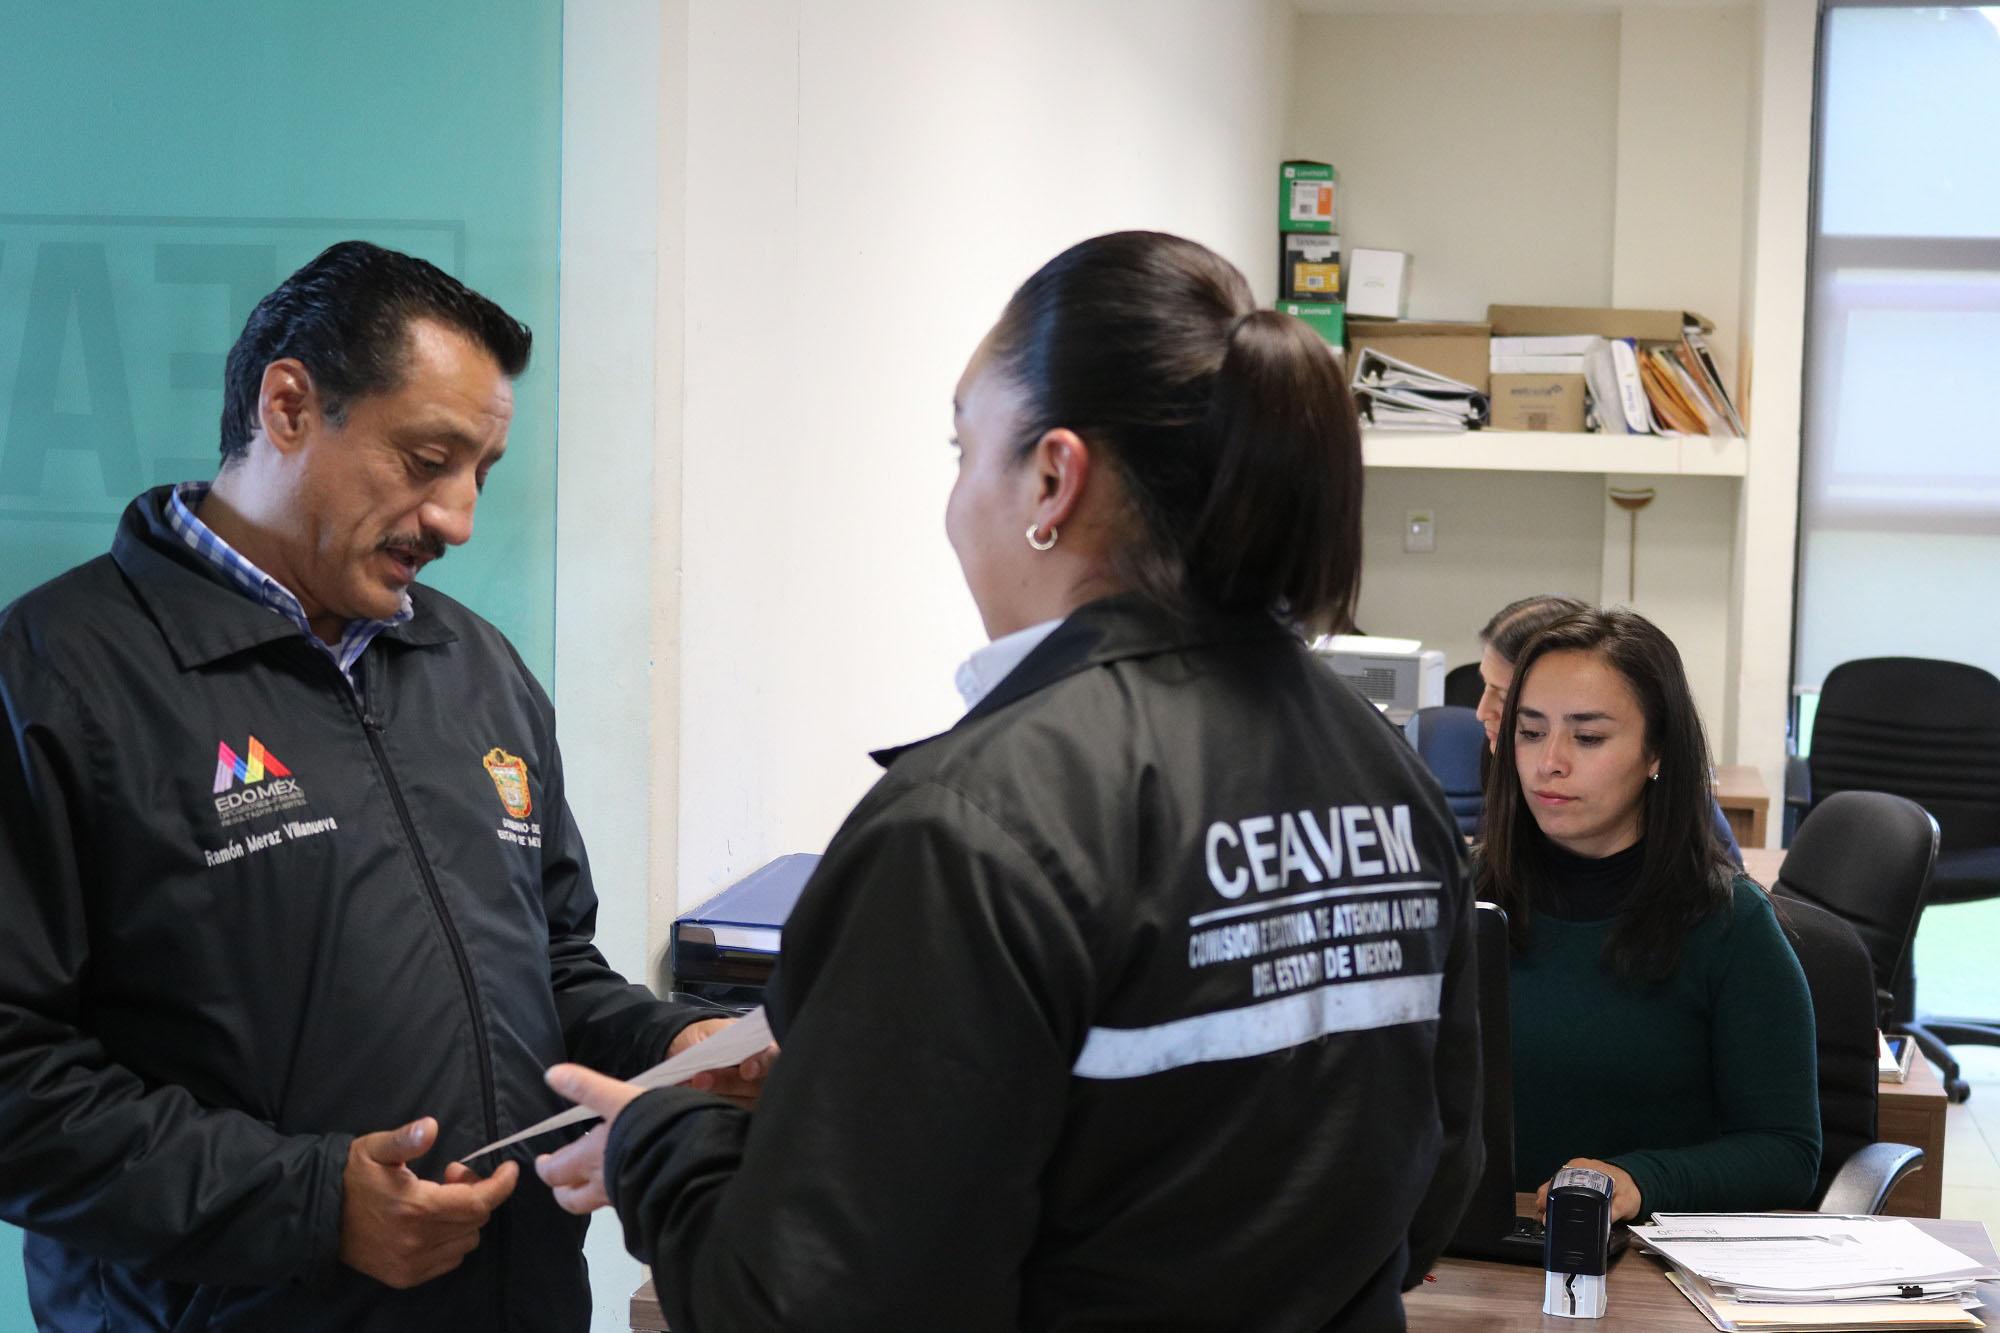 El Congreso del Edoméx distribuirá 260 millones de pesos que se implementarán en políticas públicas para combatir feminicidios y desapariciones